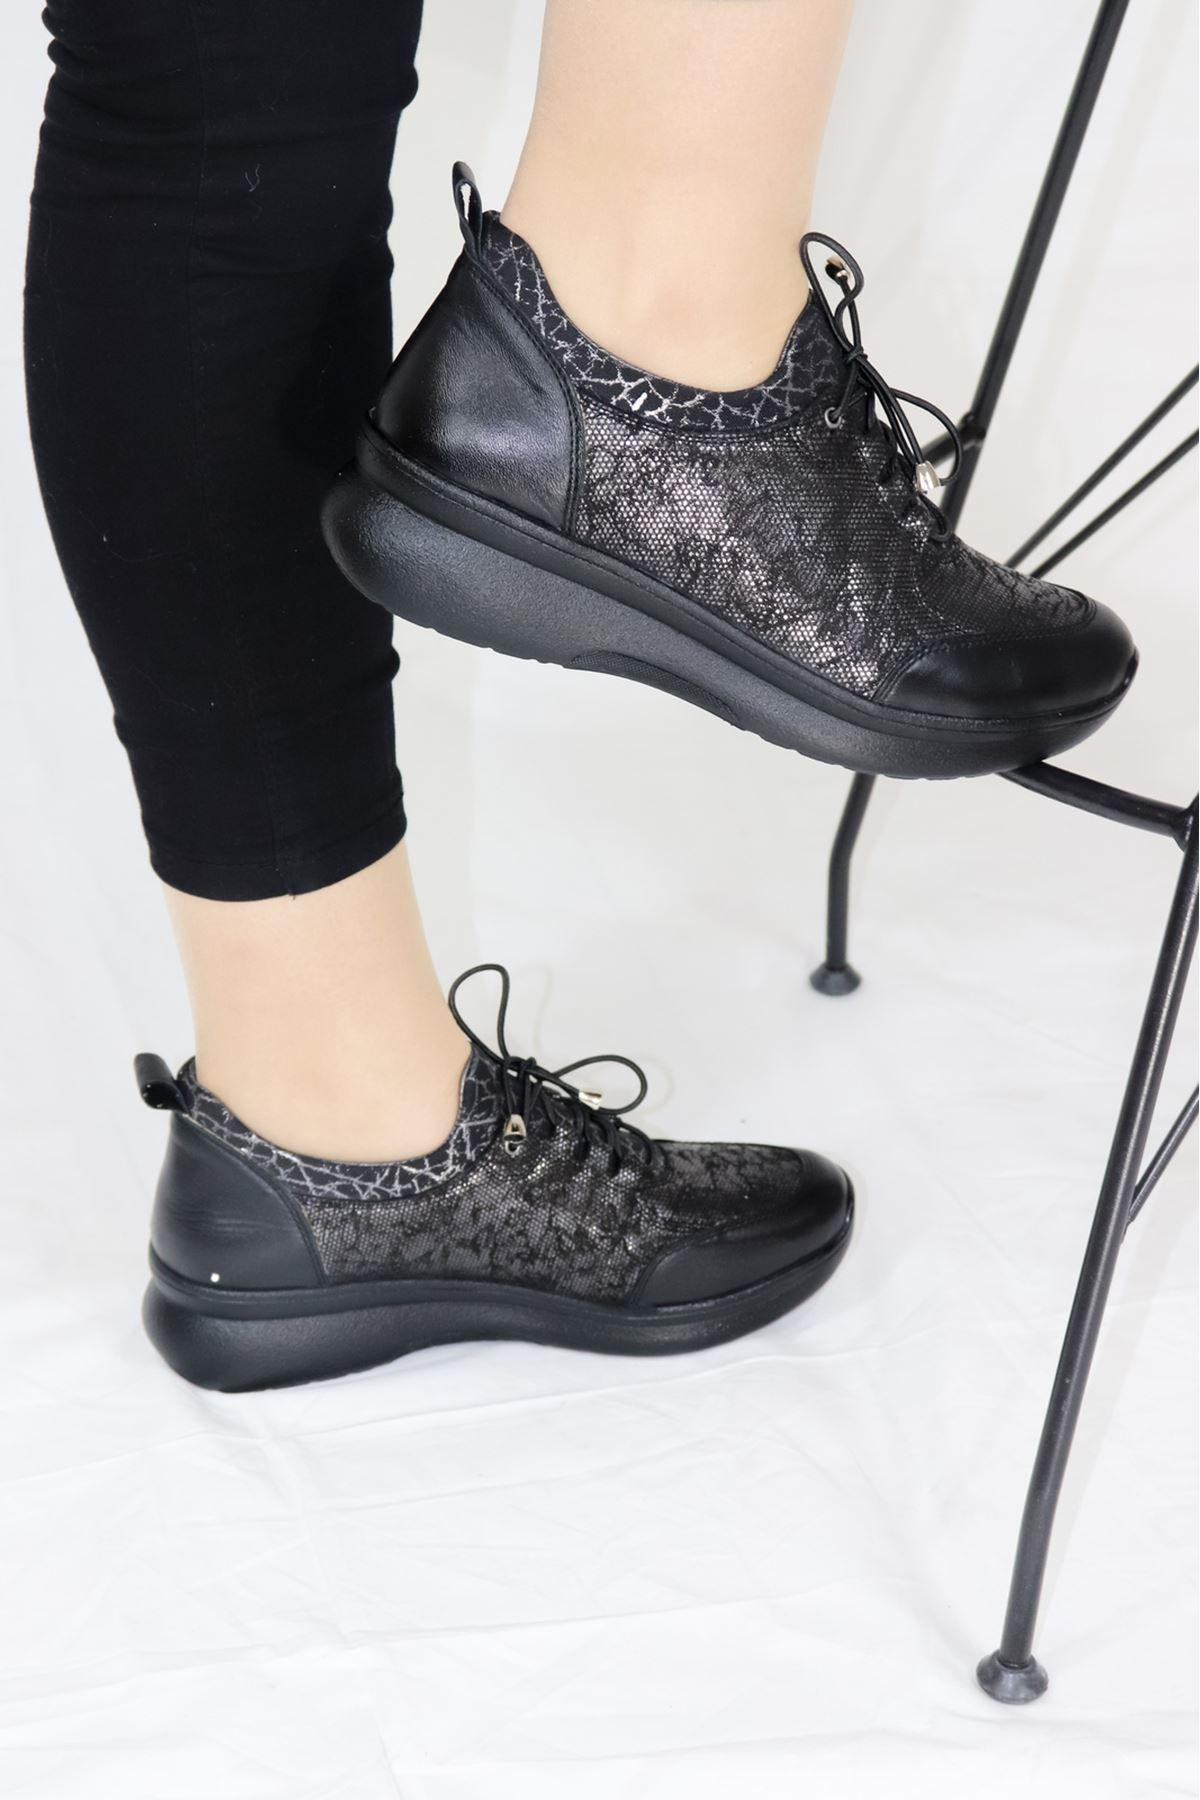 Venüs - 1901707Y - Siyah Lastikli Kadın Ayakkabısı